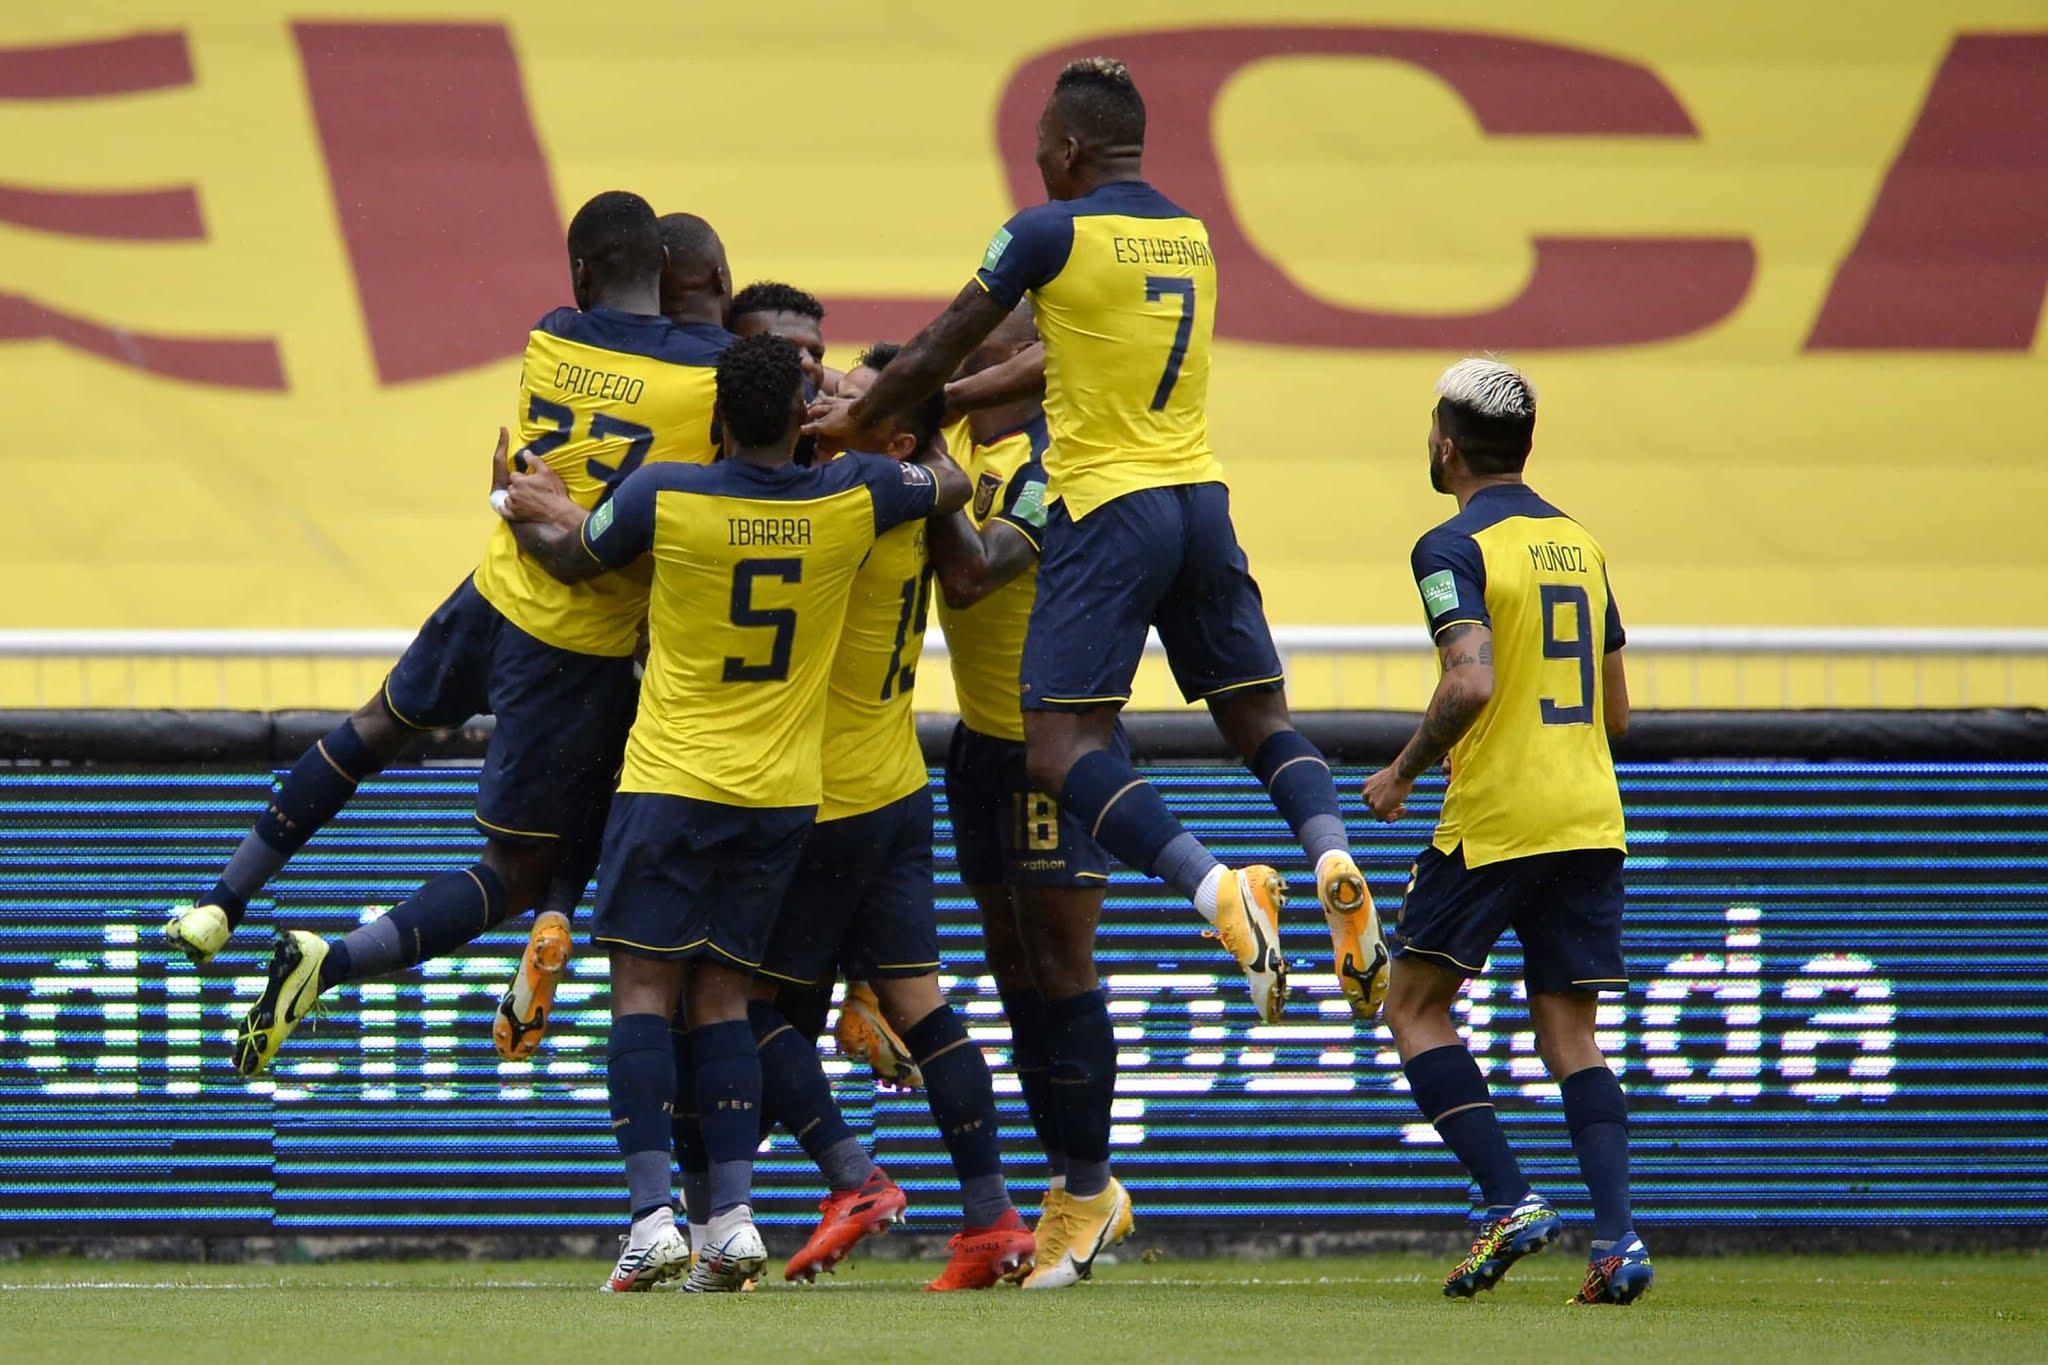 Ecuador 6-1 Colombia Eliminatorias Sudamericanas